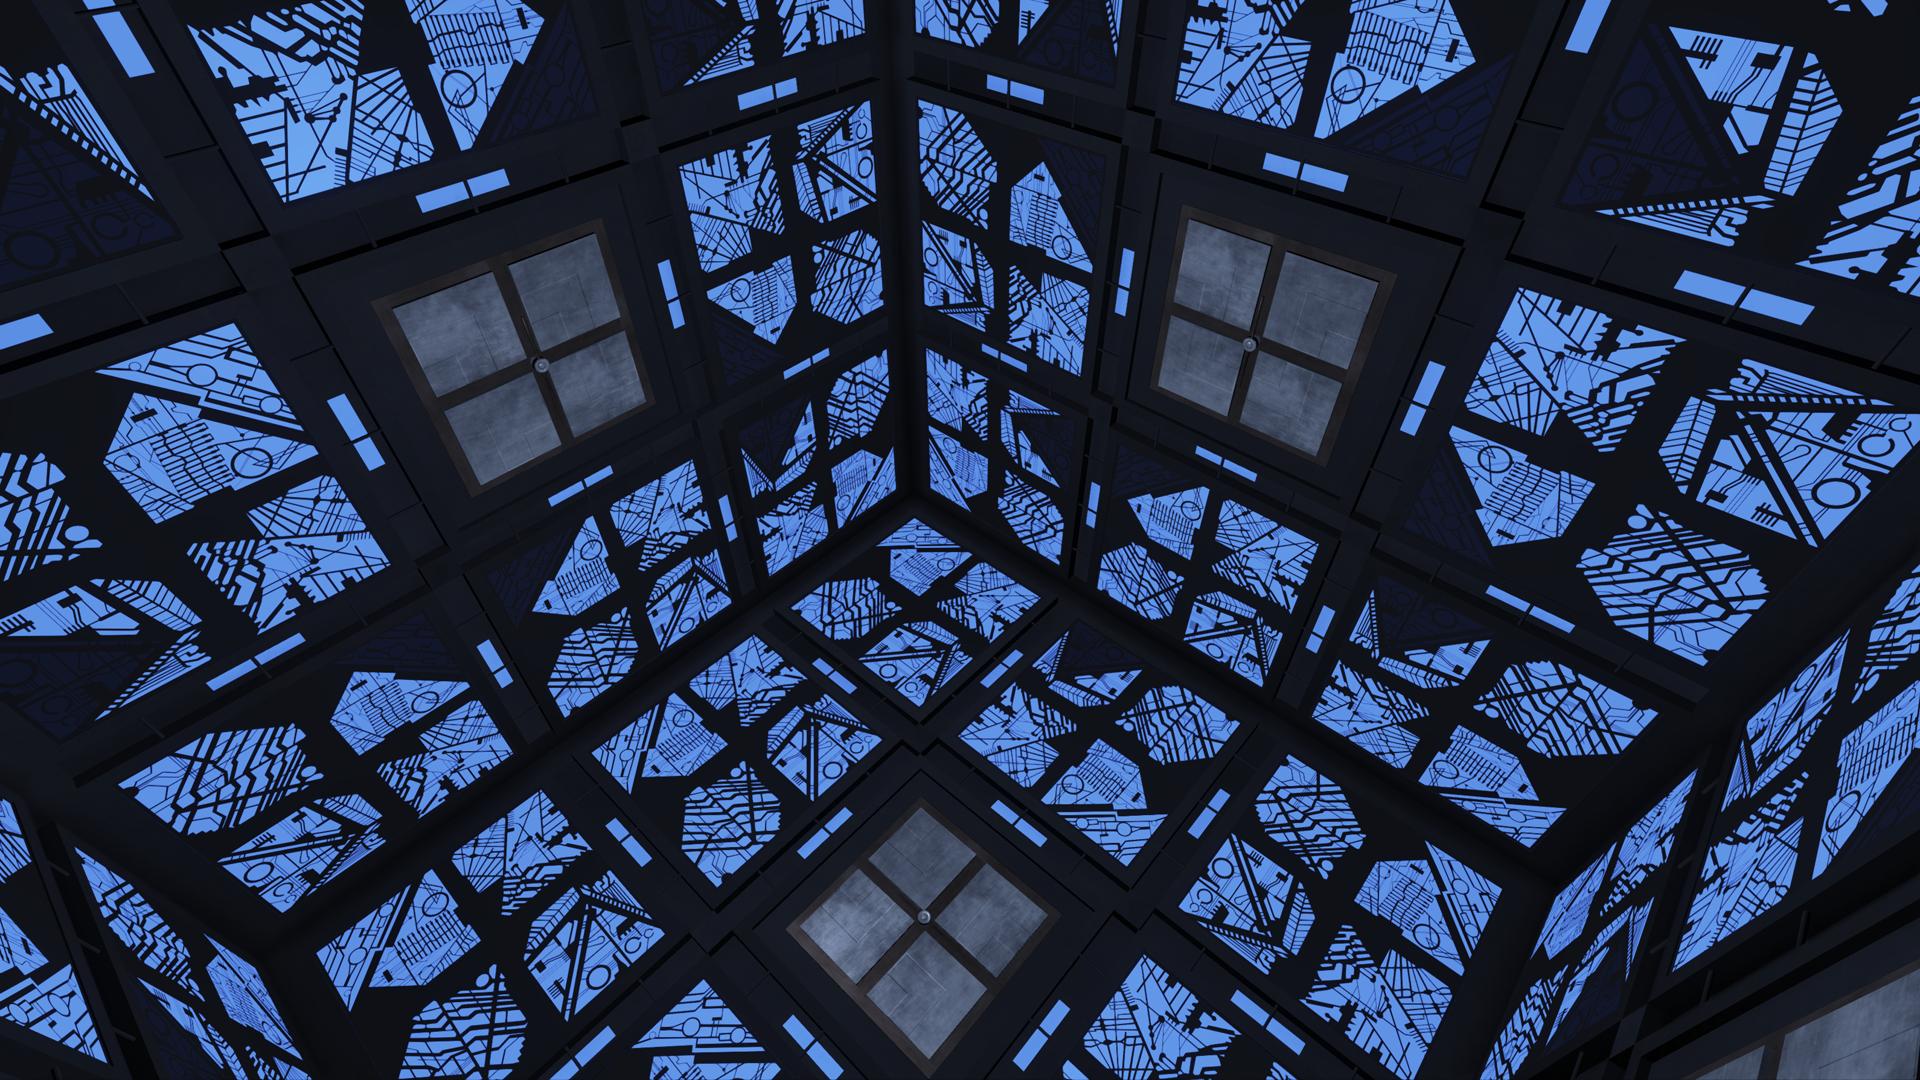 blue cube image cooperative unreal box escape cube